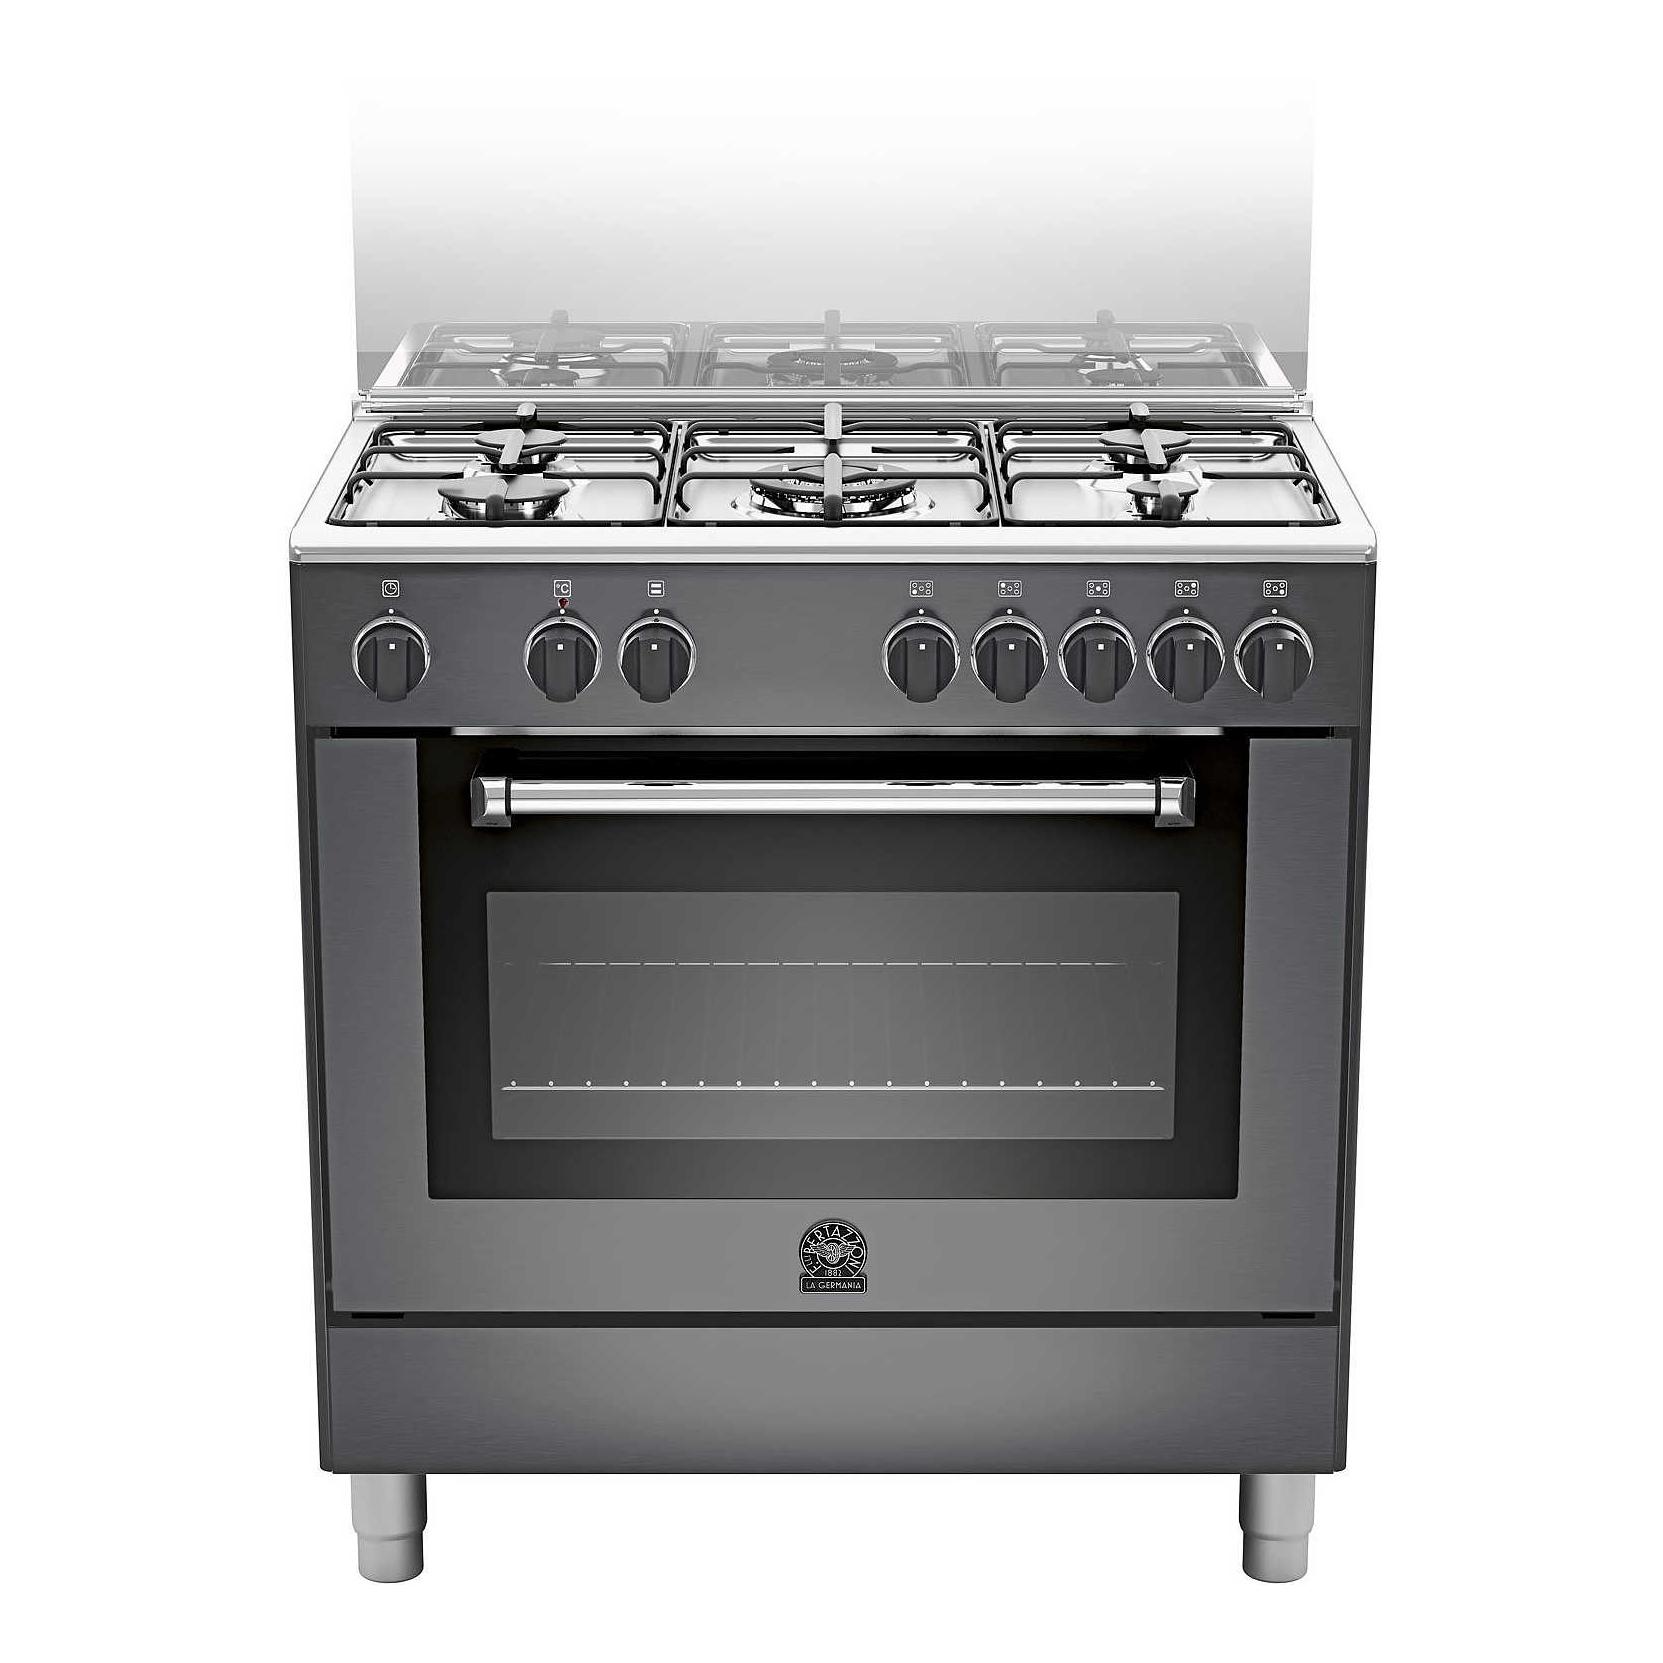 La germania amn805mfesnee cucina 5 fuochi a gas forno - Cucine a gas la germania ...